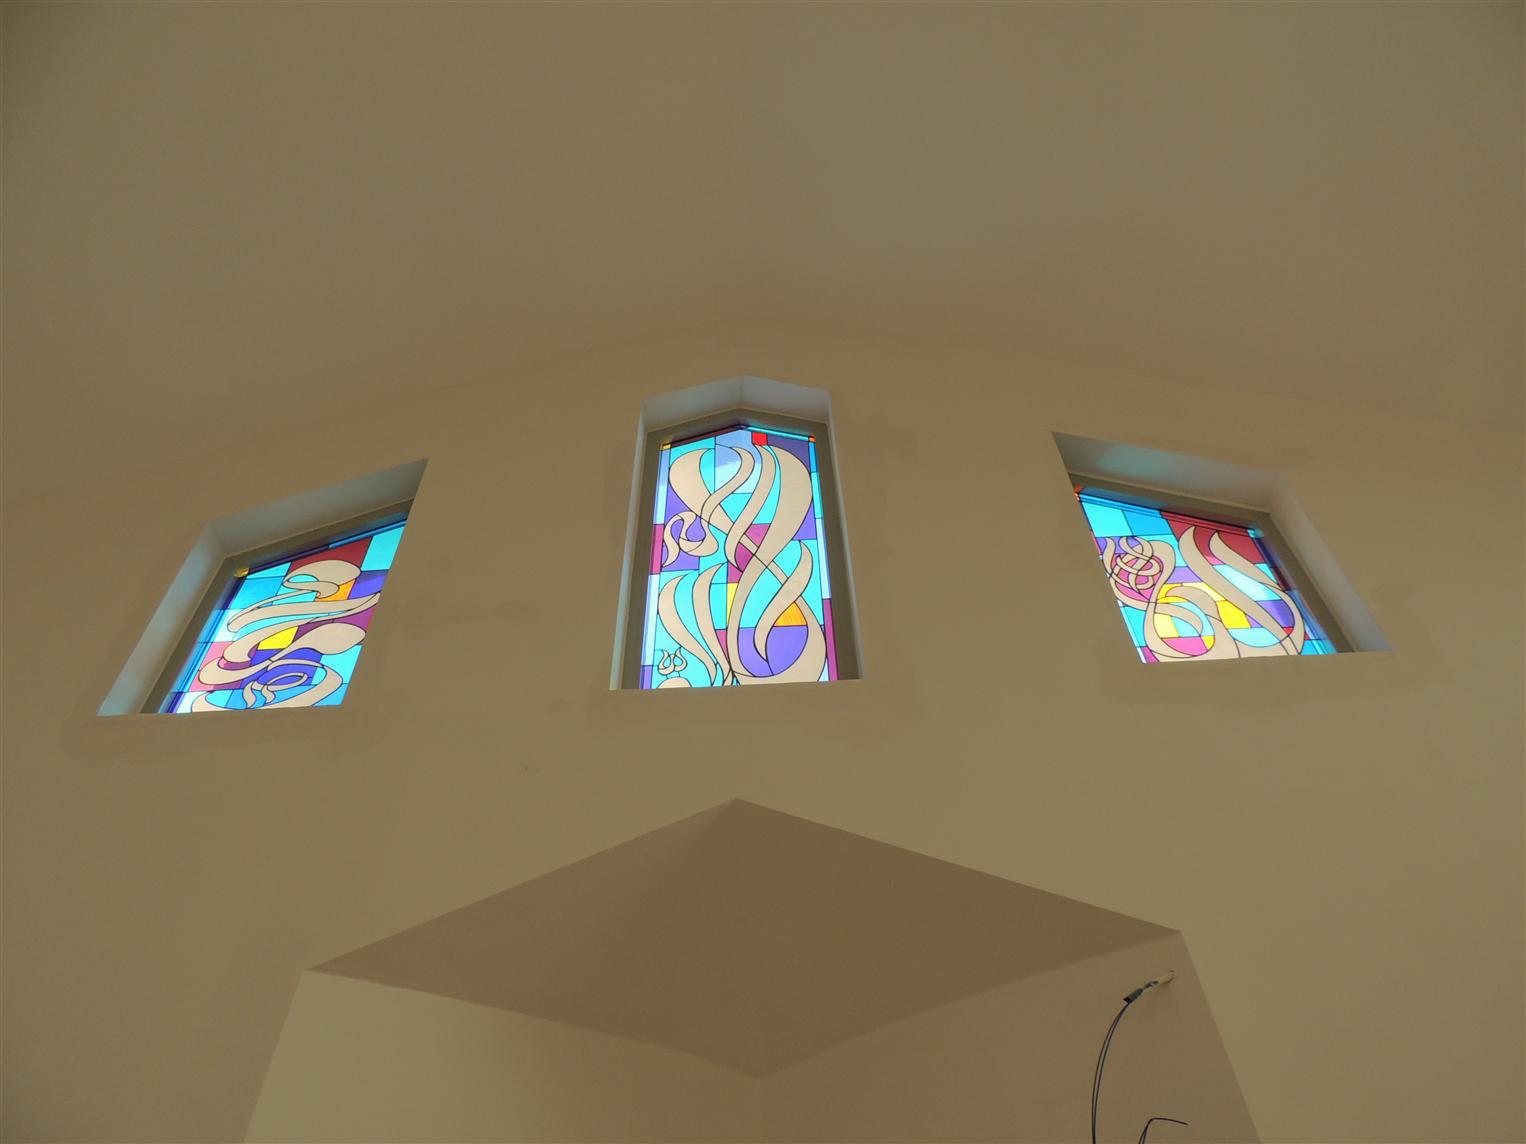 piri-reis-camii201592117413119.jpg izmir vitray çalışması